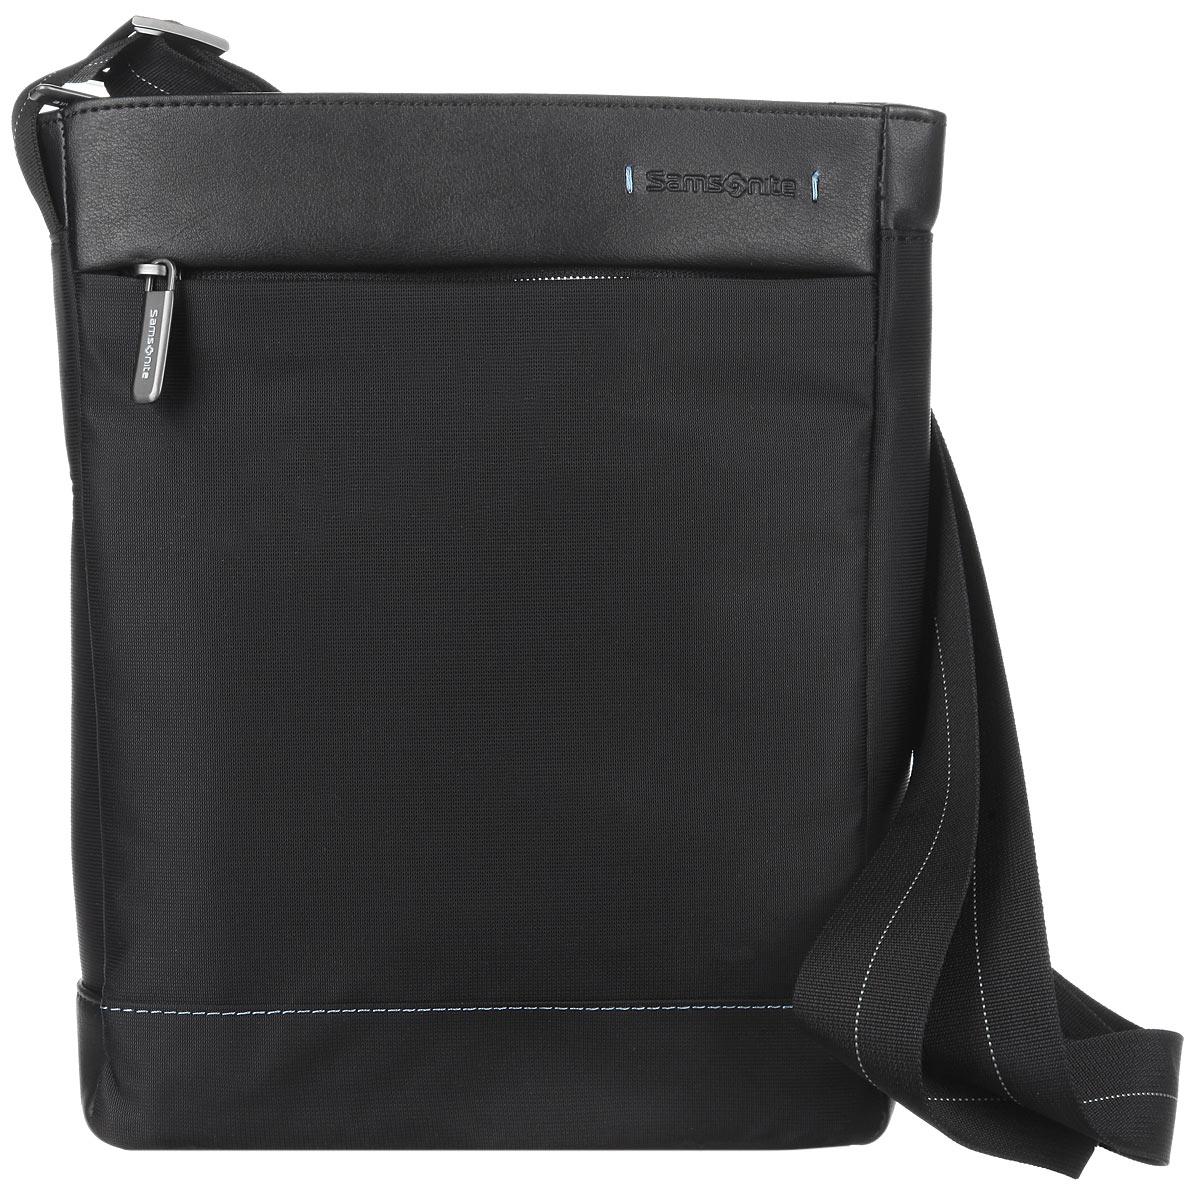 Сумка мужская Samsonite, цвет: черный. 80U-0900180U-09001Стильная мужская сумка Samsonite выполнена из полиэстера, полиуретана и нейлона, оформлена тиснением в виде логотипа бренда. Изделие содержит одно основное отделение, закрывающееся на застежку-молнию. Внутри сумки расположены два фиксатора для авторучек, мягкий карман для планшета и врезной карман на молнии. Задняя сторона сумки дополнена накладным карманом на застежке-липучке. На лицевой стороне сумки расположен потайной карман на застежке-молнии. Изделие оснащено практичным плечевым ремнем регулируемой длины. Сегодня мужская сумка - необходимый аксессуар для современного мужчины.